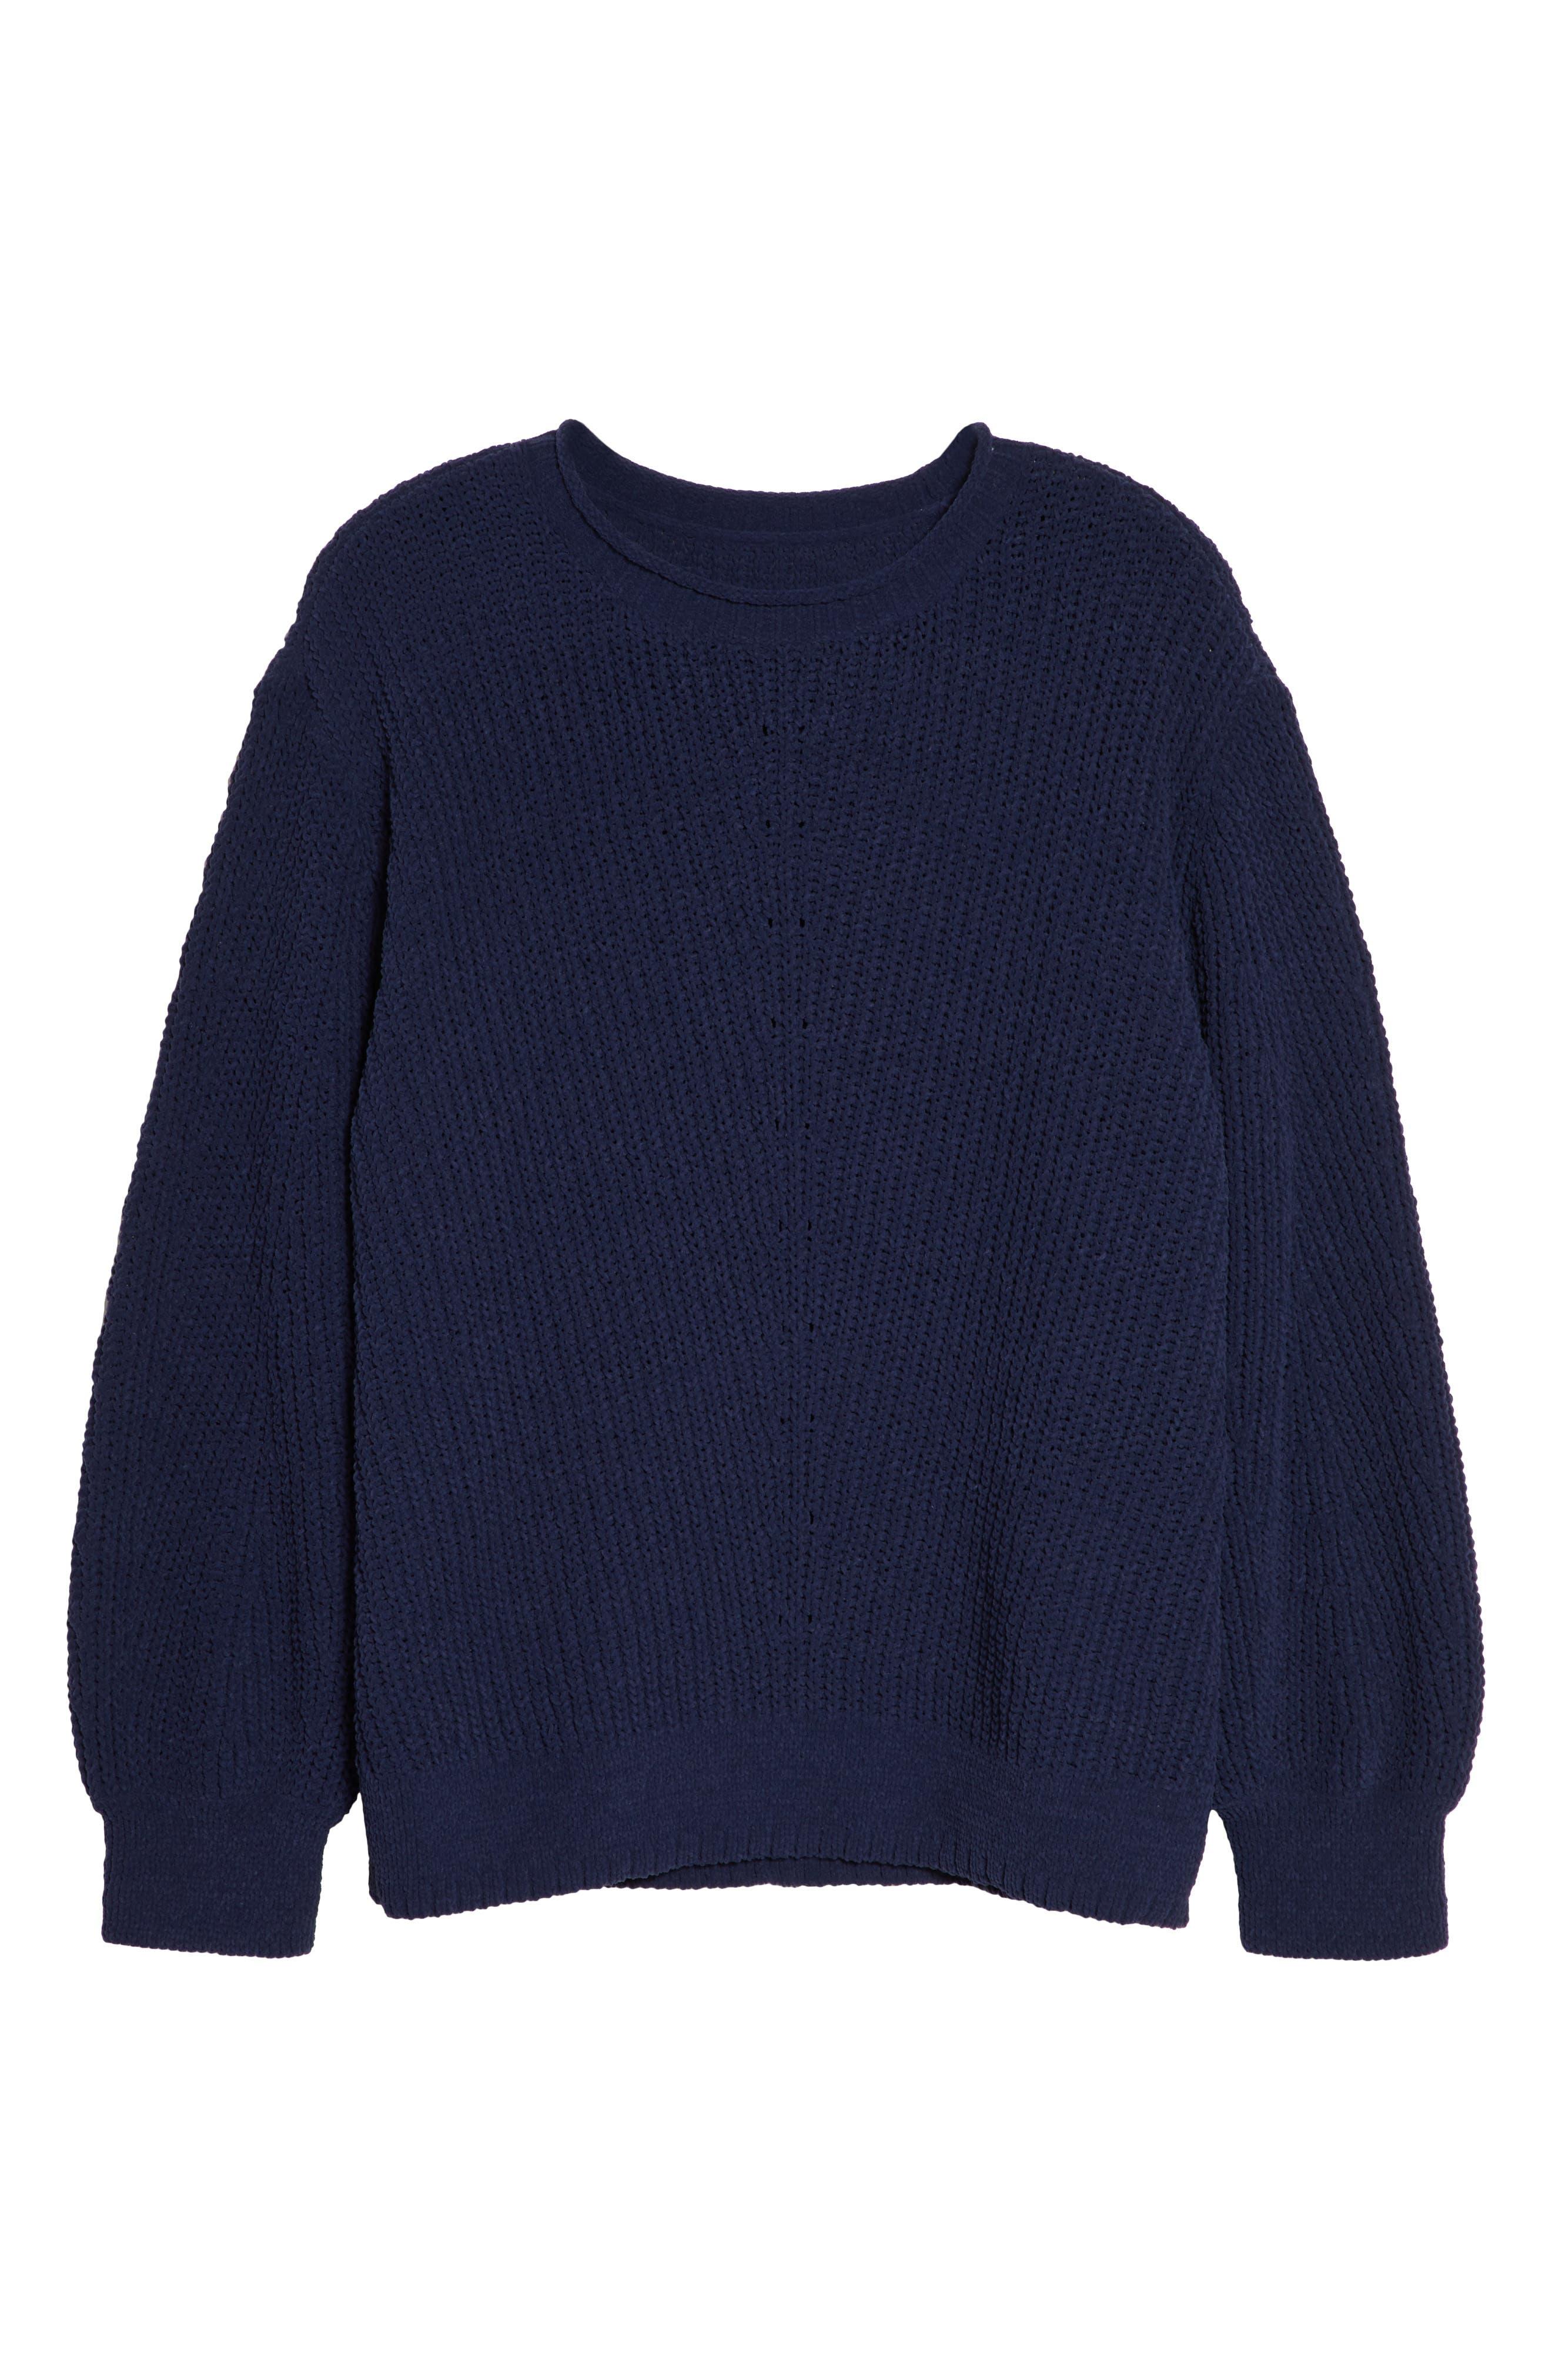 CASLON<SUP>®</SUP>,                             Chenille Crewneck Sweater,                             Alternate thumbnail 6, color,                             401